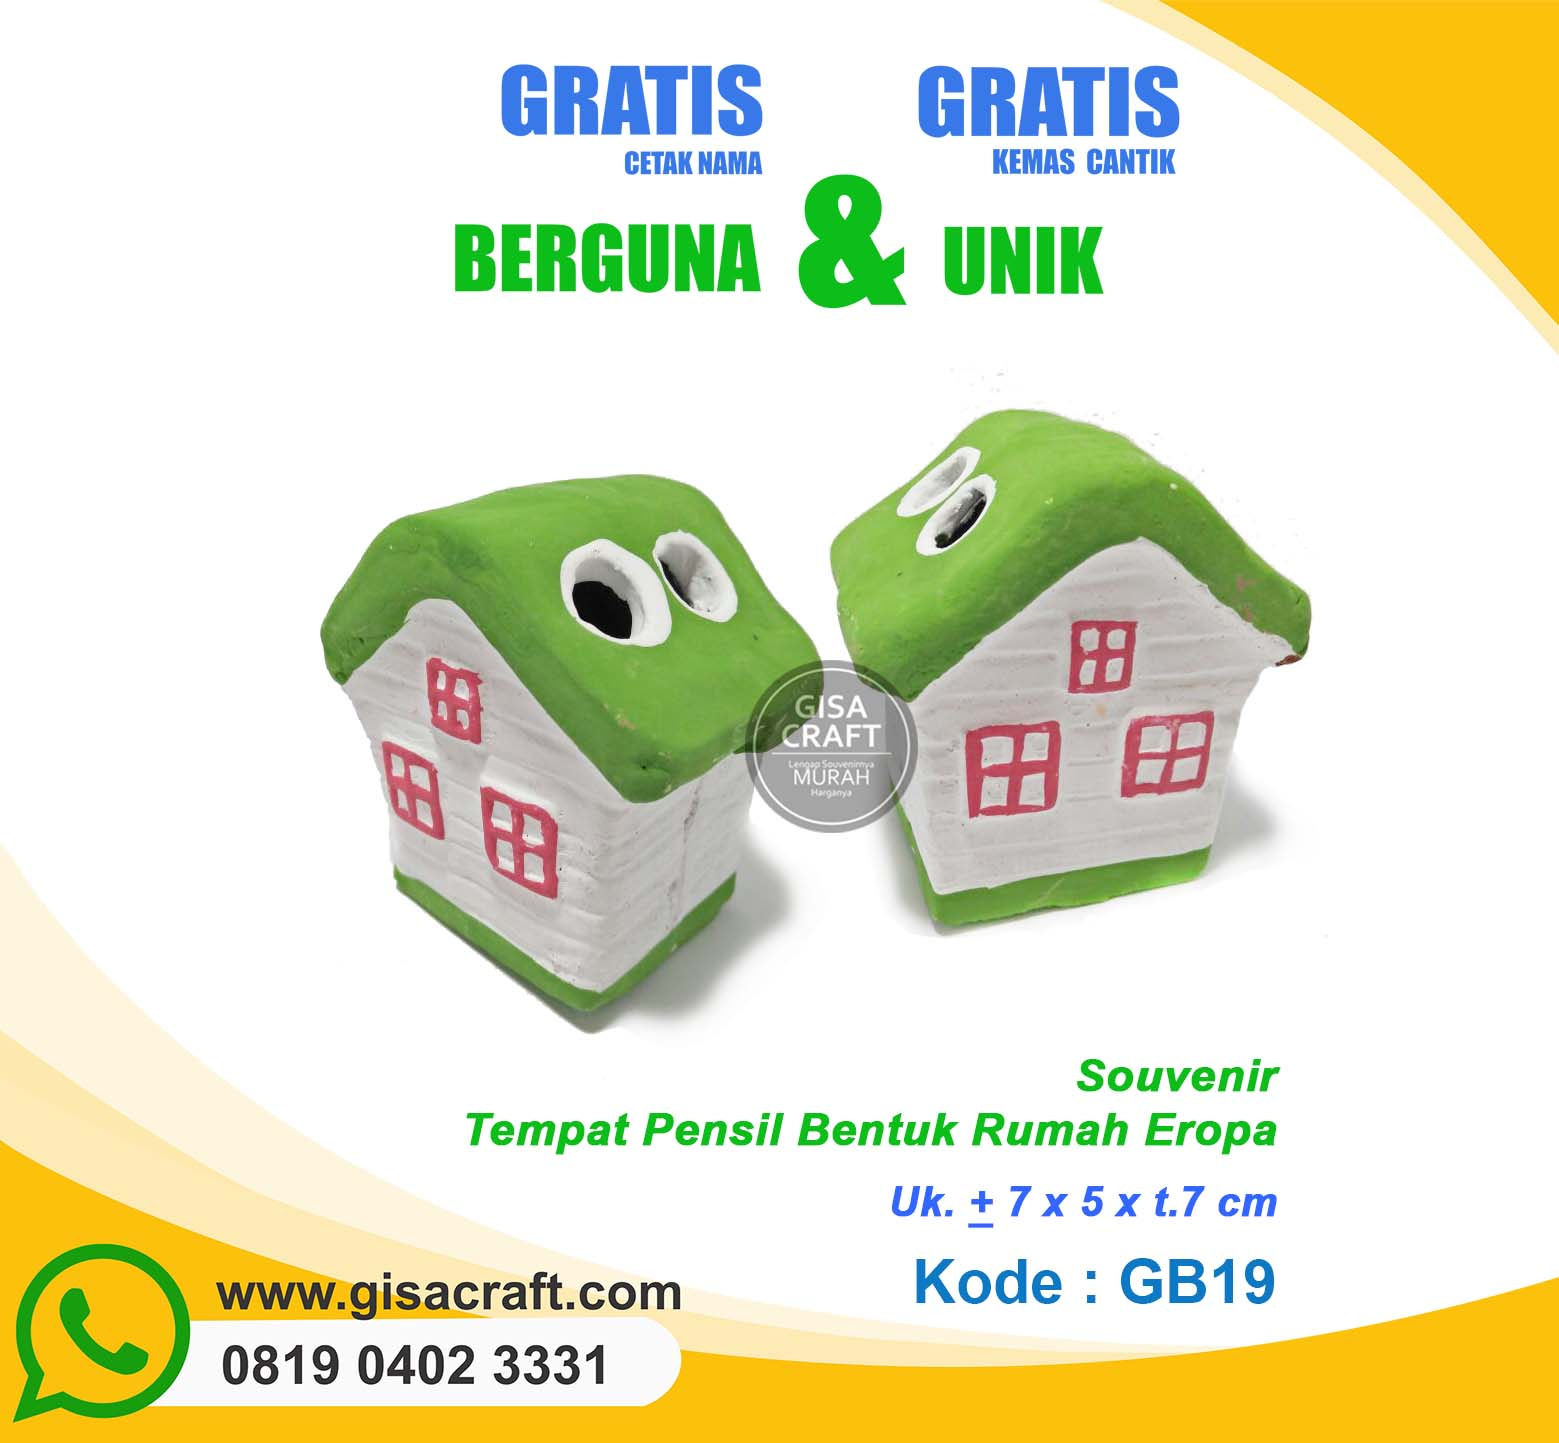 Souvenir Gerabah Tempat Pensil Bentuk Rumah Eropa GB19